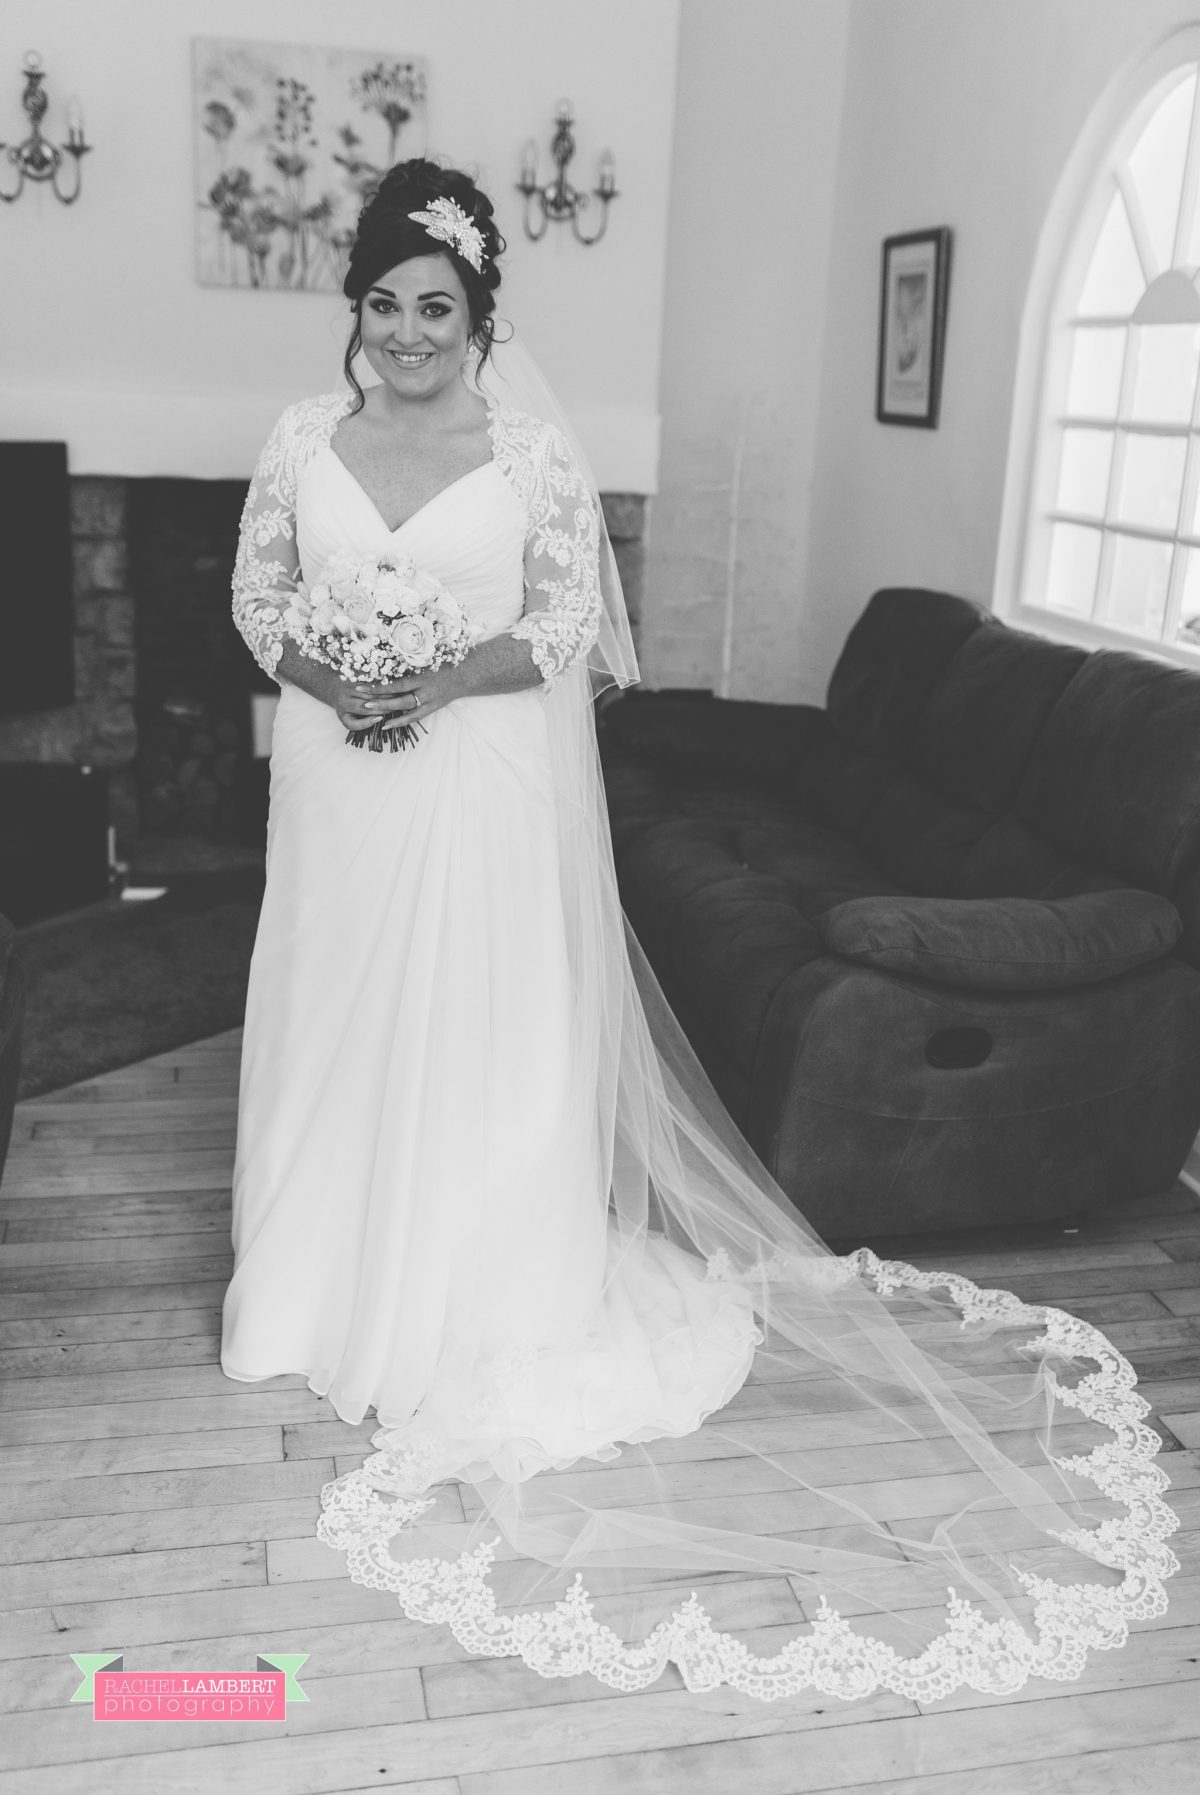 welsh_wedding_photographer_rachel_lambert_photography_pencoed_house_cardiff_rachel_nathan_ 10